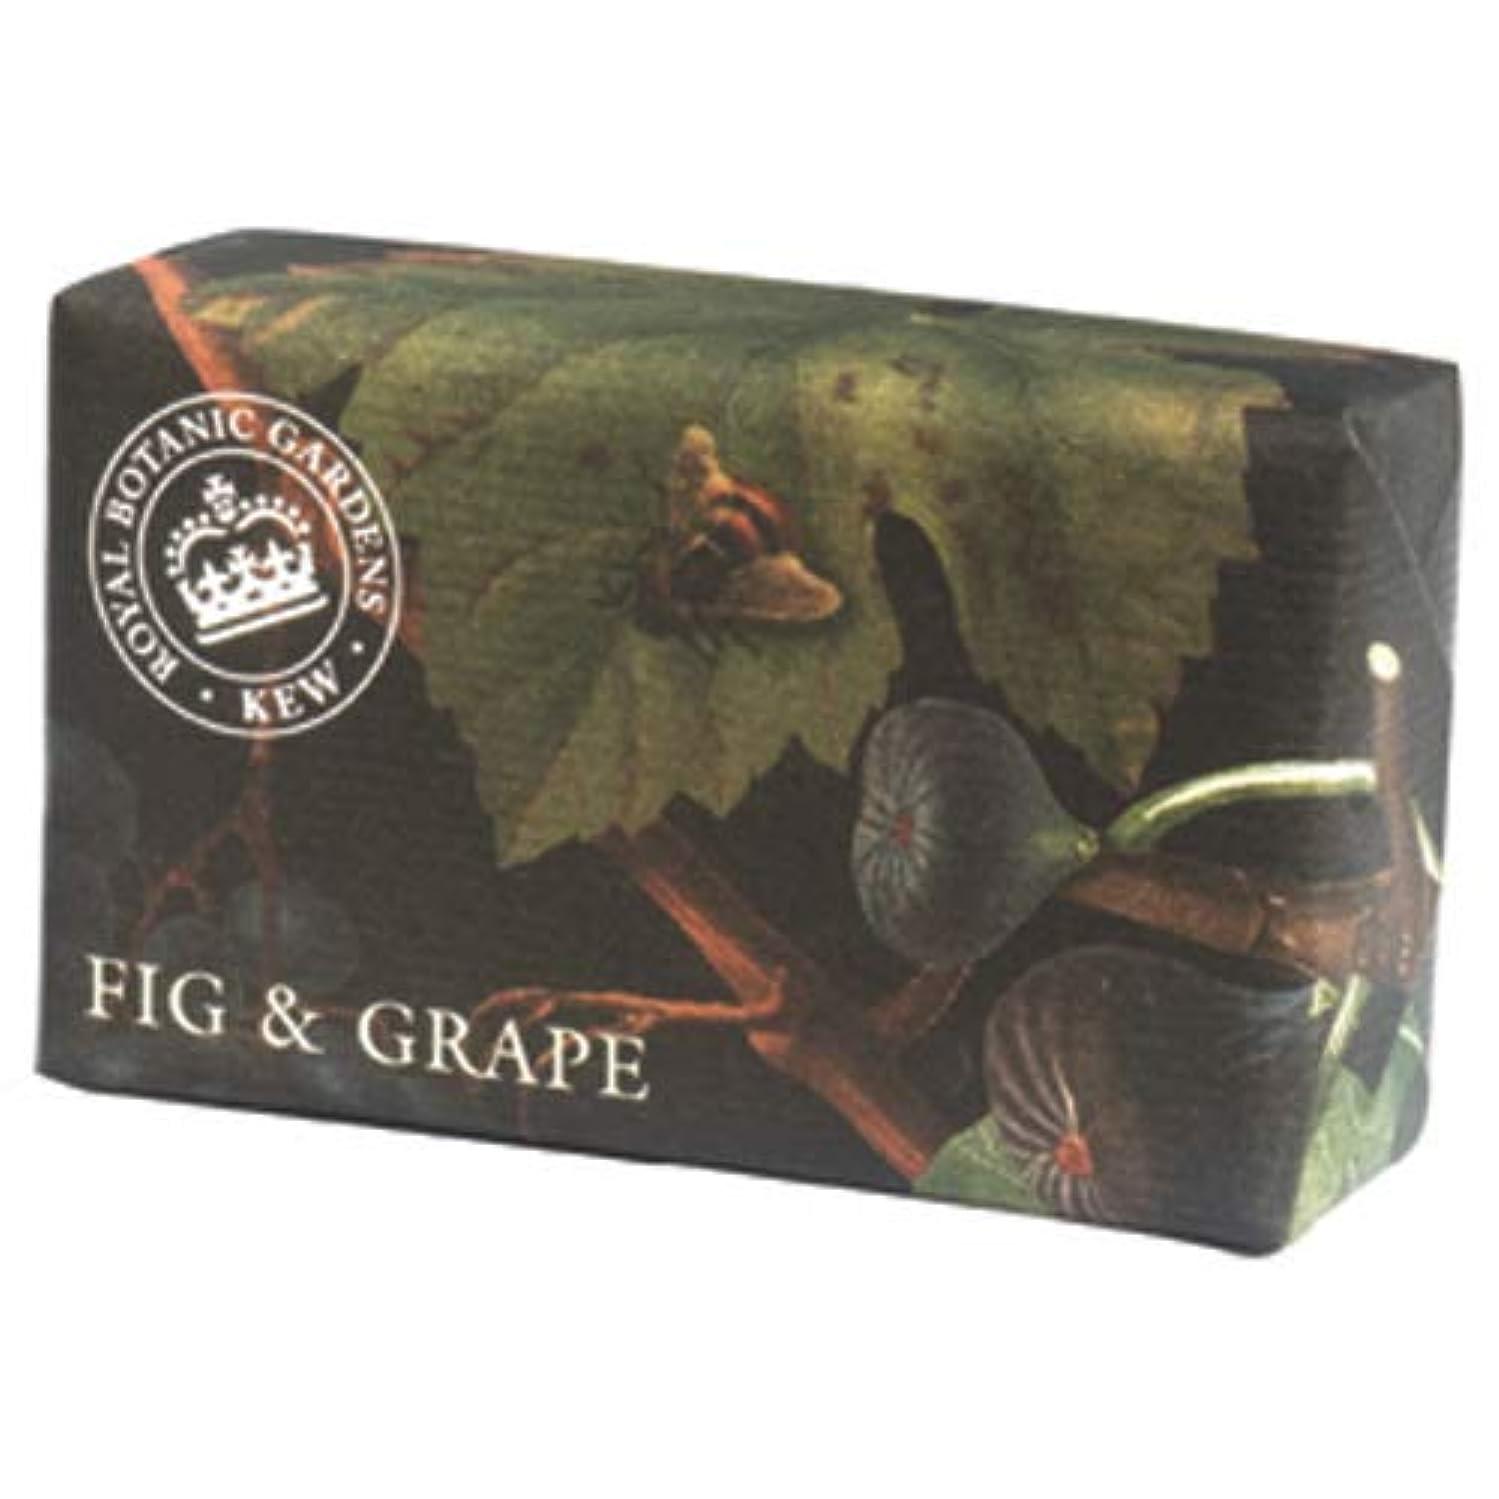 現実的切り下げ慢性的三和トレーディング English Soap Company イングリッシュソープカンパニー KEW GARDEN キュー?ガーデン Luxury Shea Soaps シアソープ Fig & Grape フィグ&グレープ